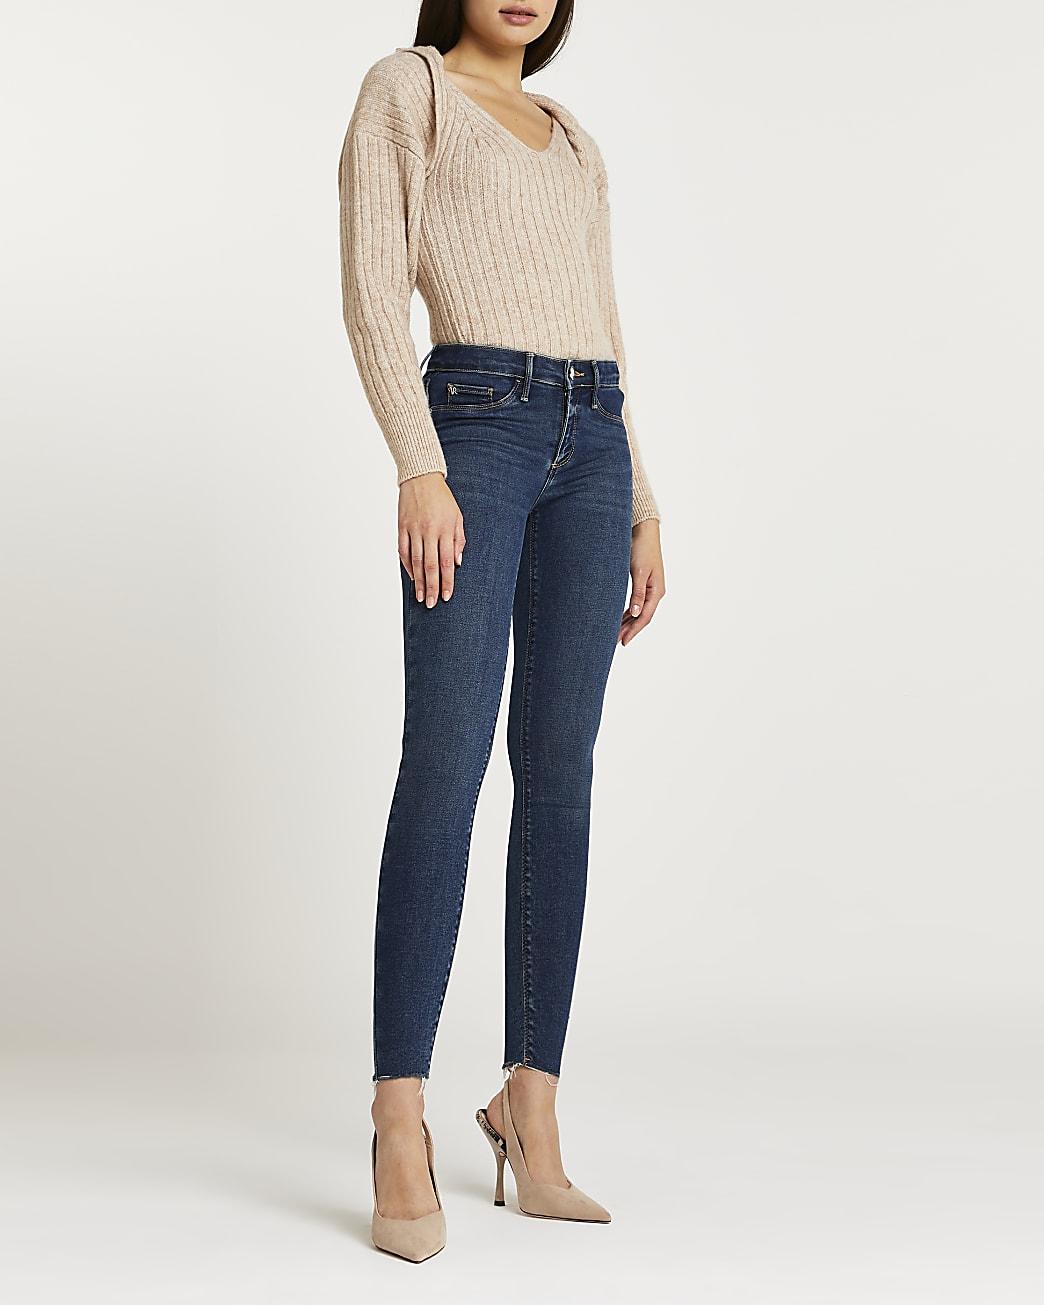 Blue low rise bum sculpt skinny jeans